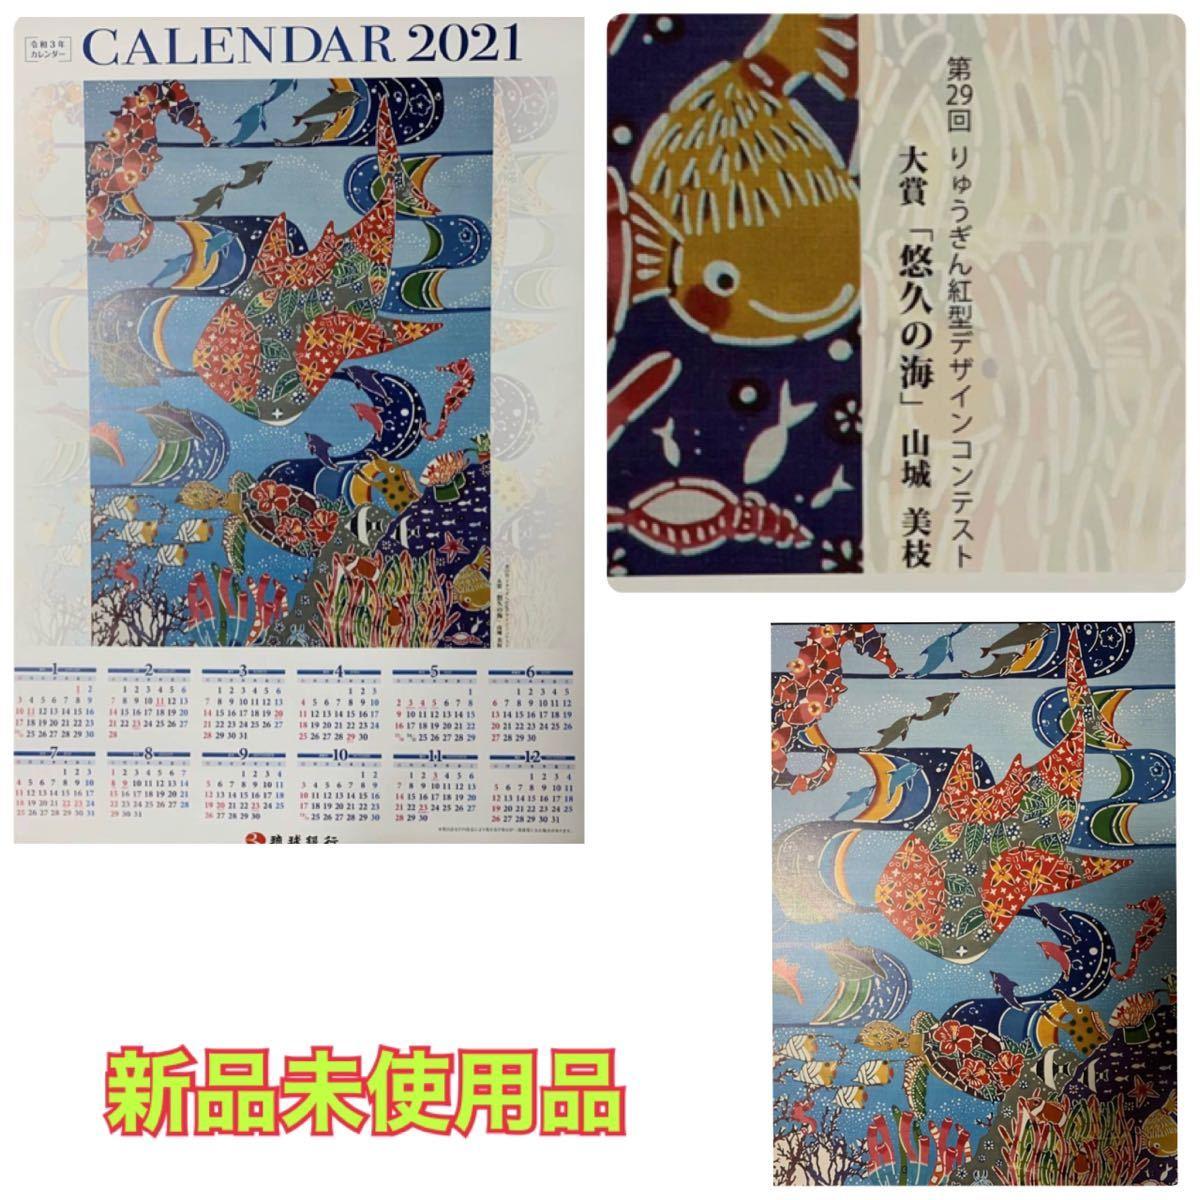 【非売品】琉球銀行2021年 紅型デザイン壁掛けカレンダー_画像1